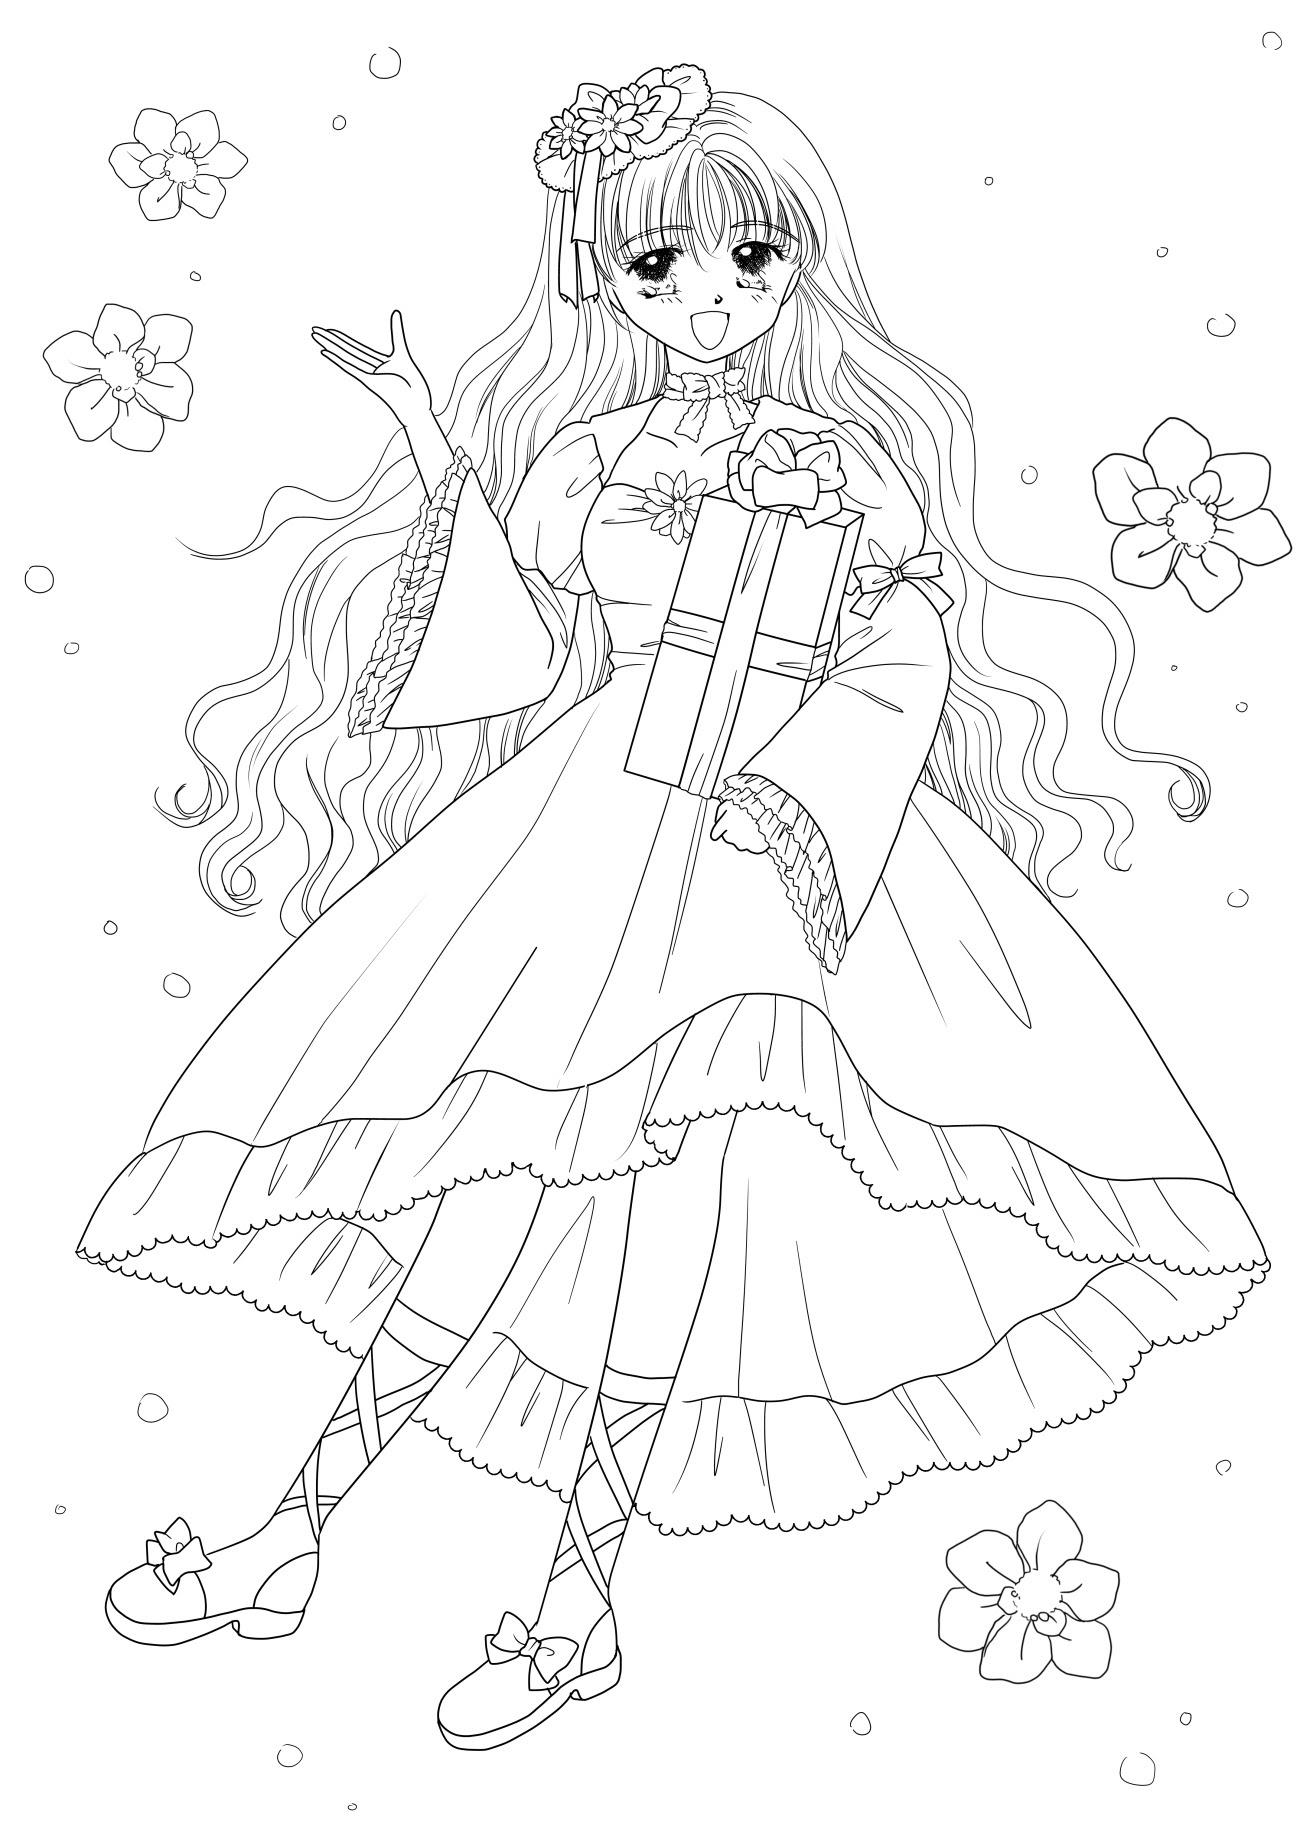 【ロイヤリティフリー】 塗り絵 女の子 かわいい - 無料の印刷 ...